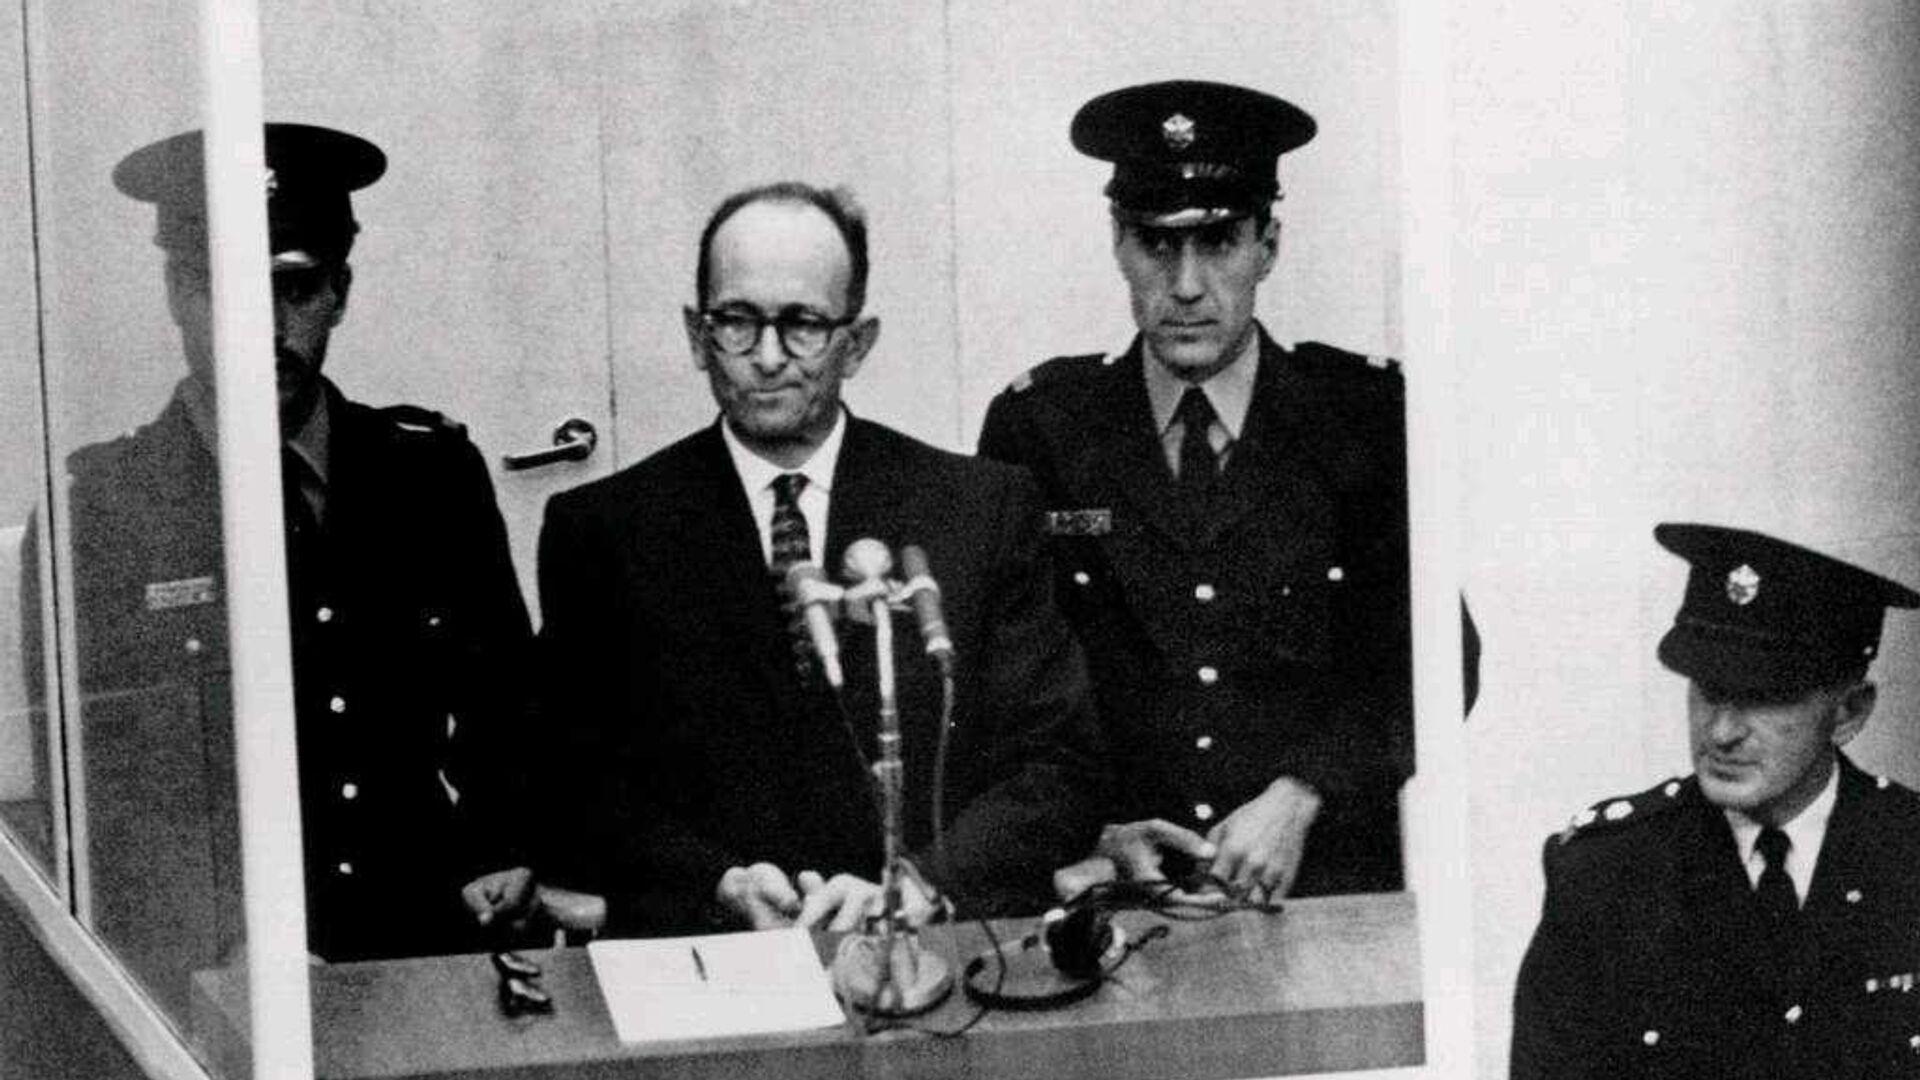 Суд над Адольфом Эйхманом в Израиле. 1961 год  - РИА Новости, 1920, 10.05.2021